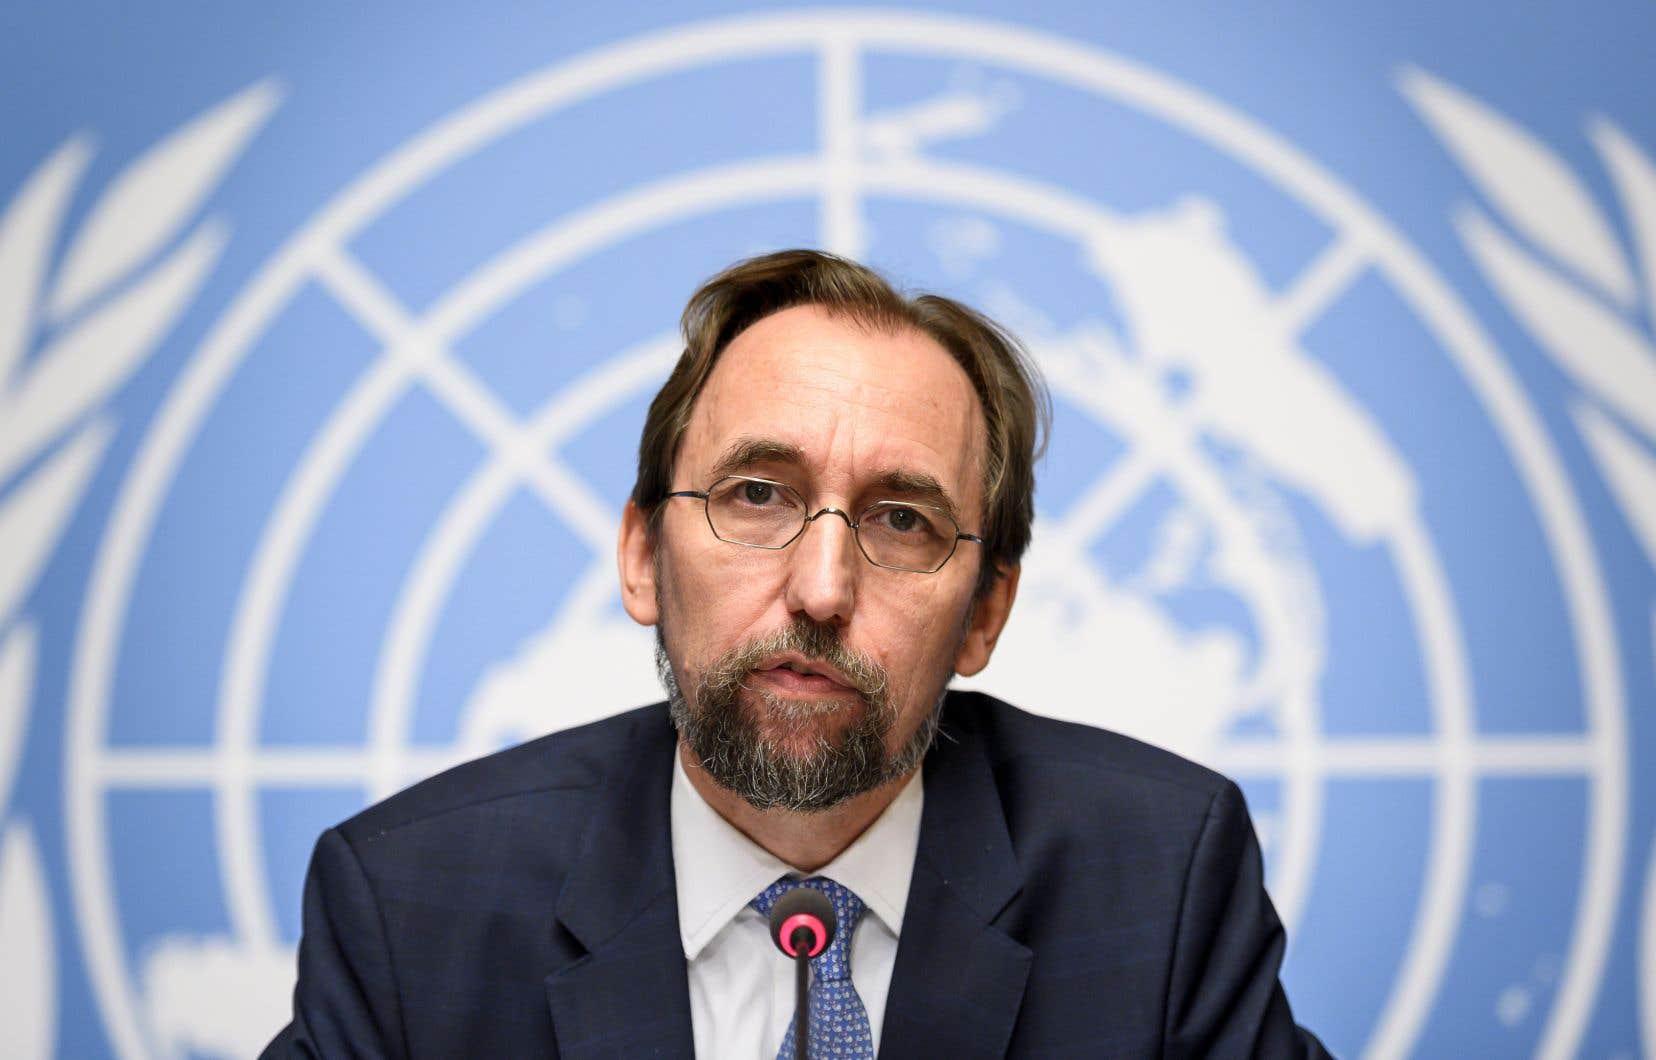 Le haut-commissaire de l'ONU aux droits de l'homme, Zeid Ra'ad al Hussein